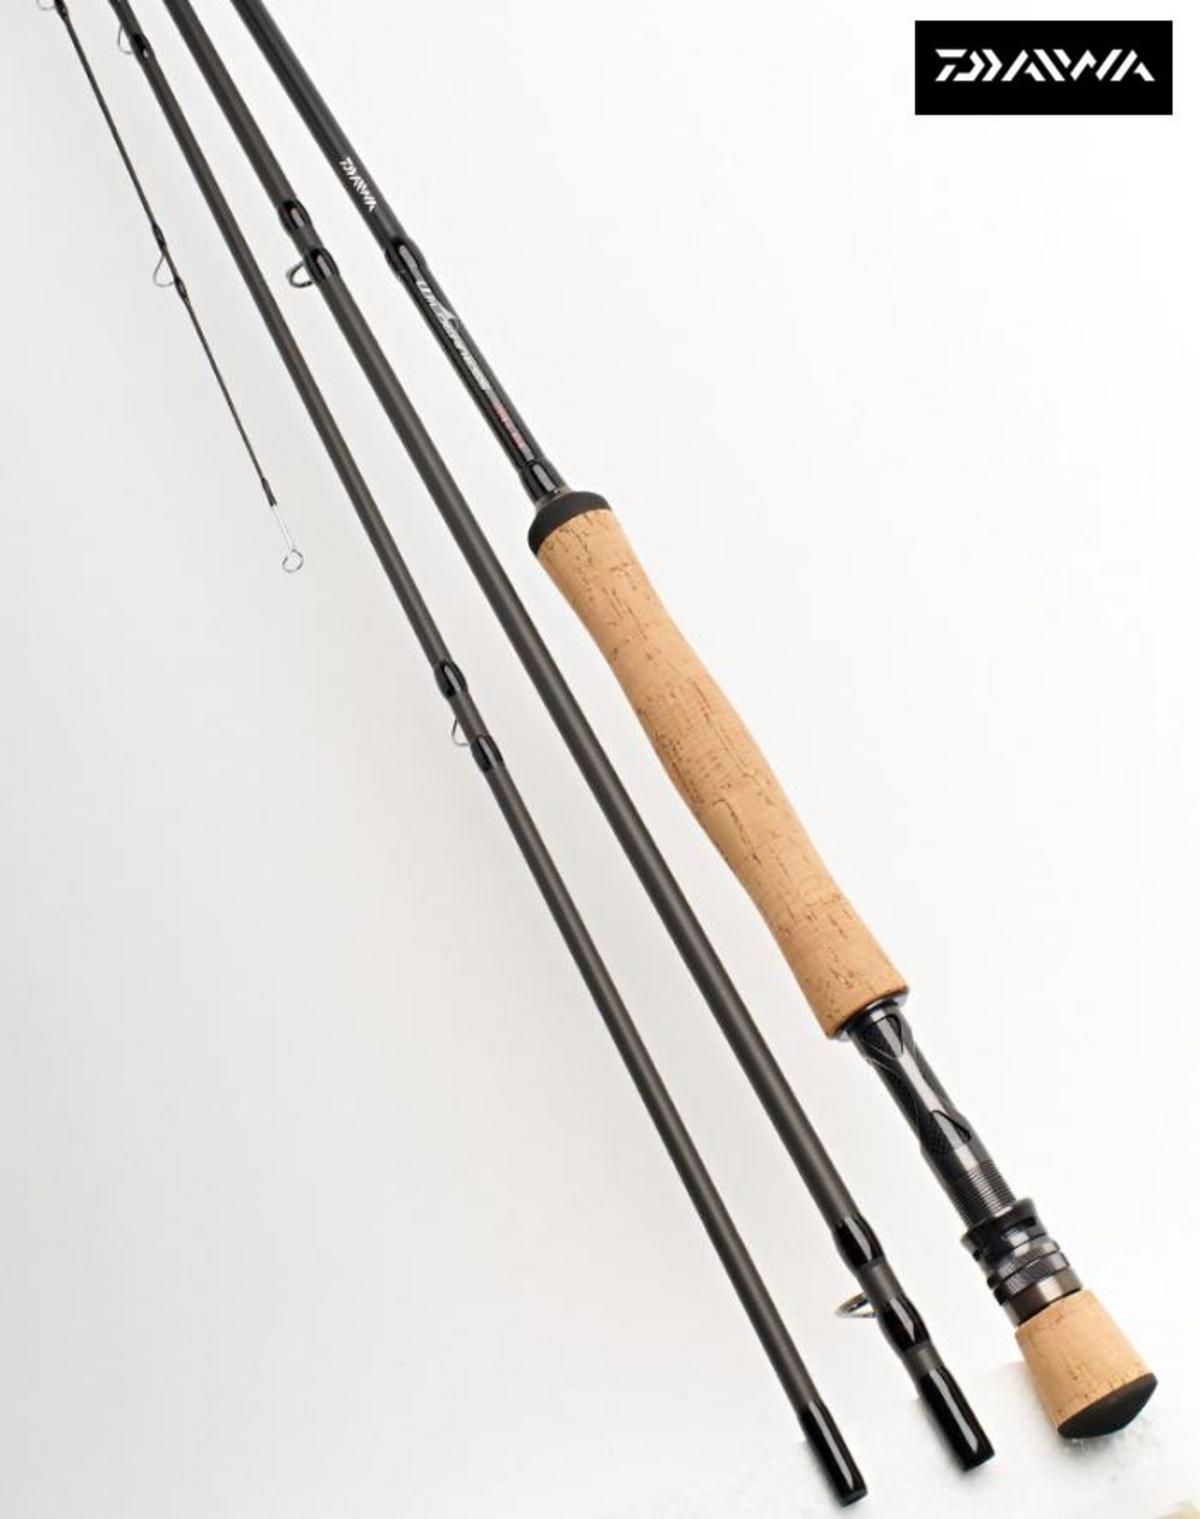 Ex Display Daiwa Wilderness Trout Fly Rod 9' #7 6pc Travel fly rod WNTF9076-BU